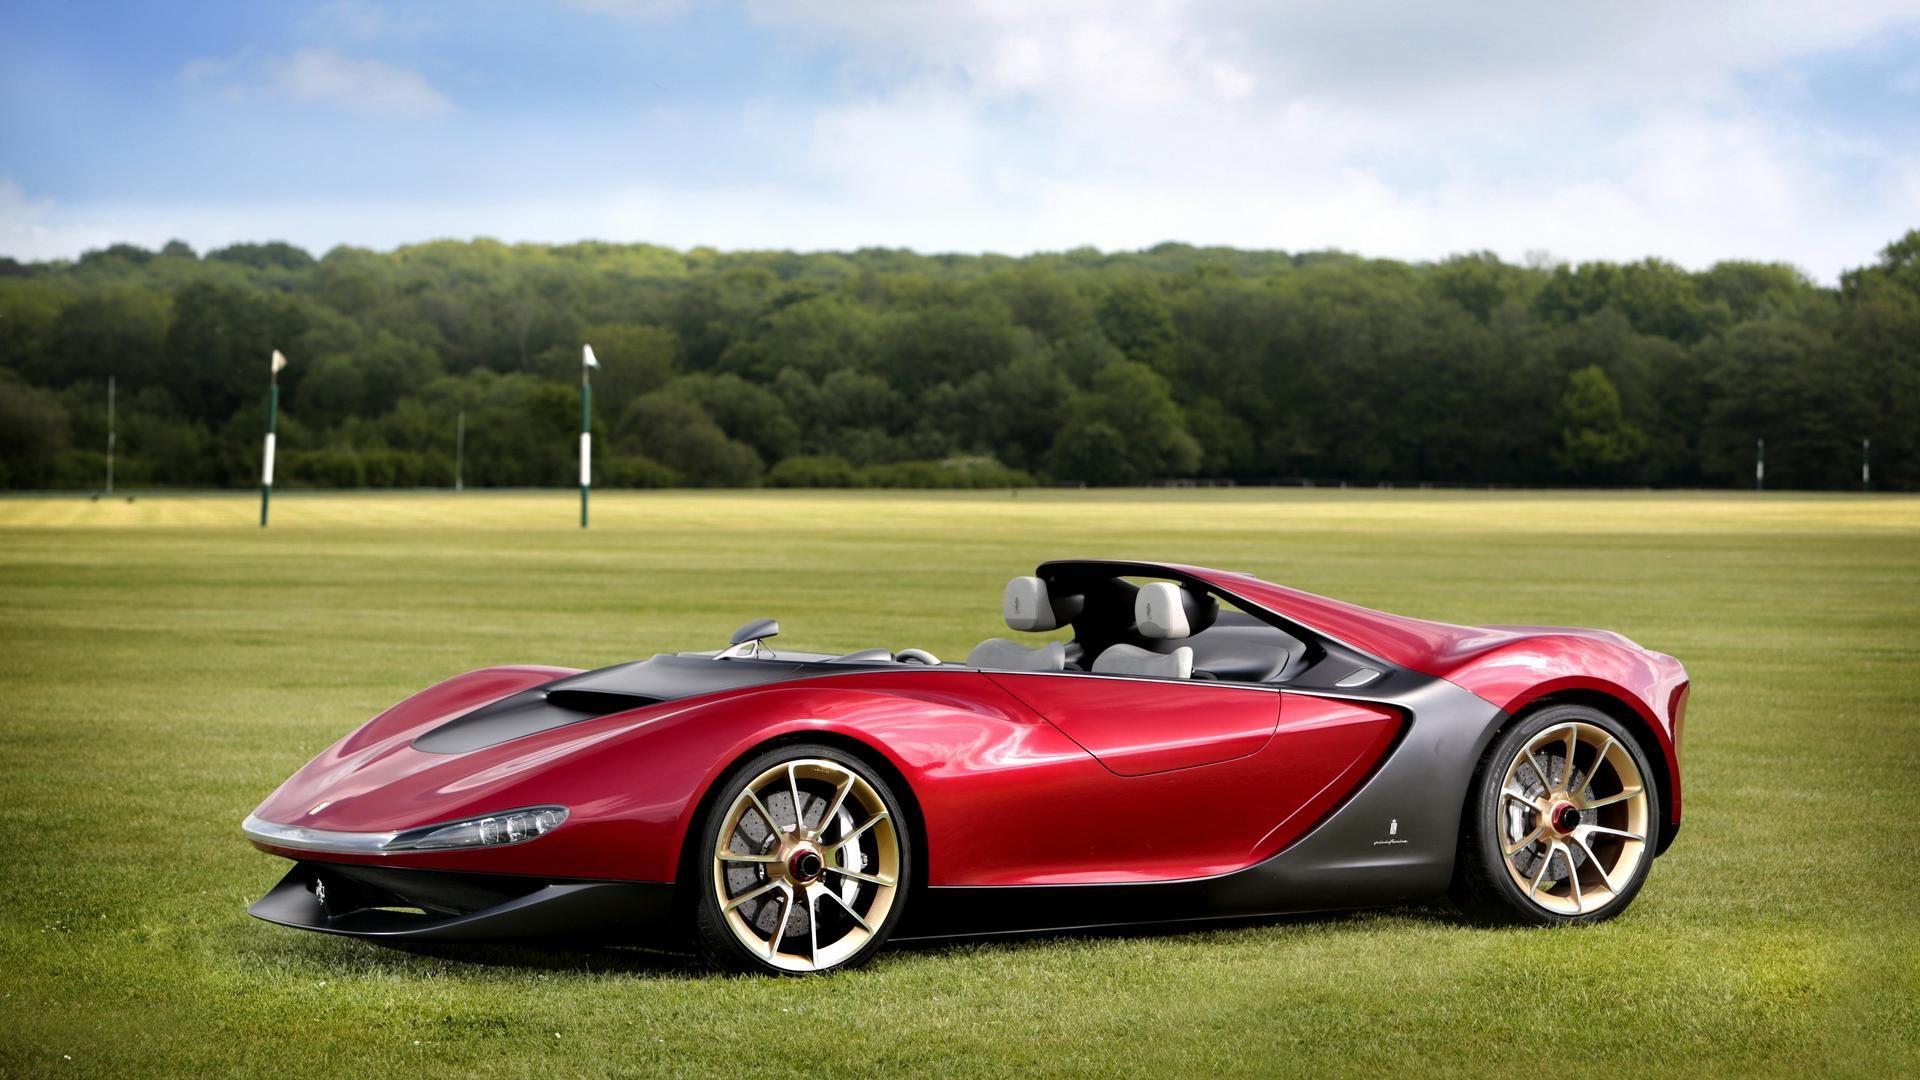 Das Sind die 15 Teuersten Autos Der Welt